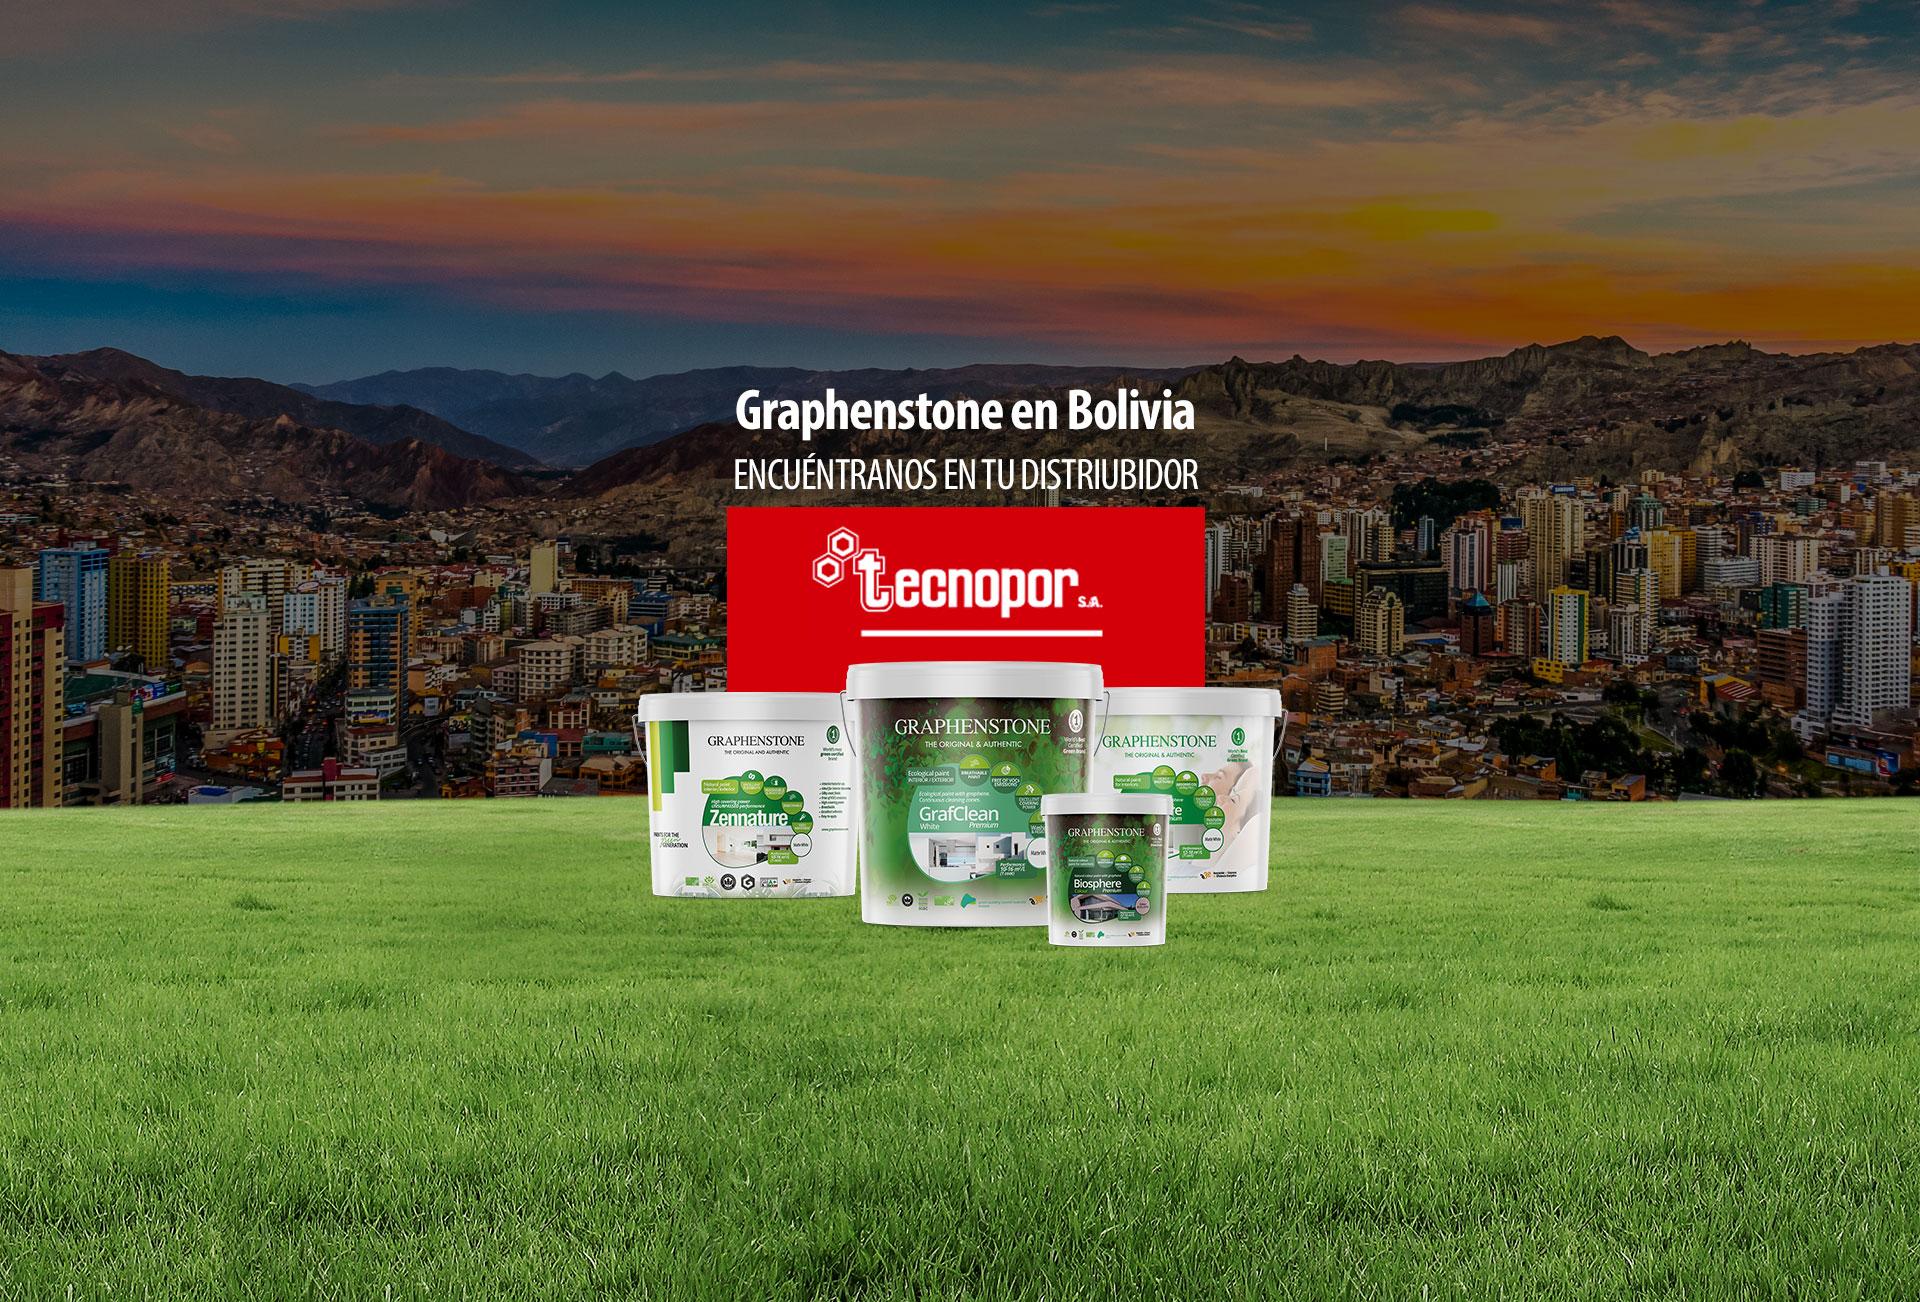 Productos Graphenstone en Bolivia